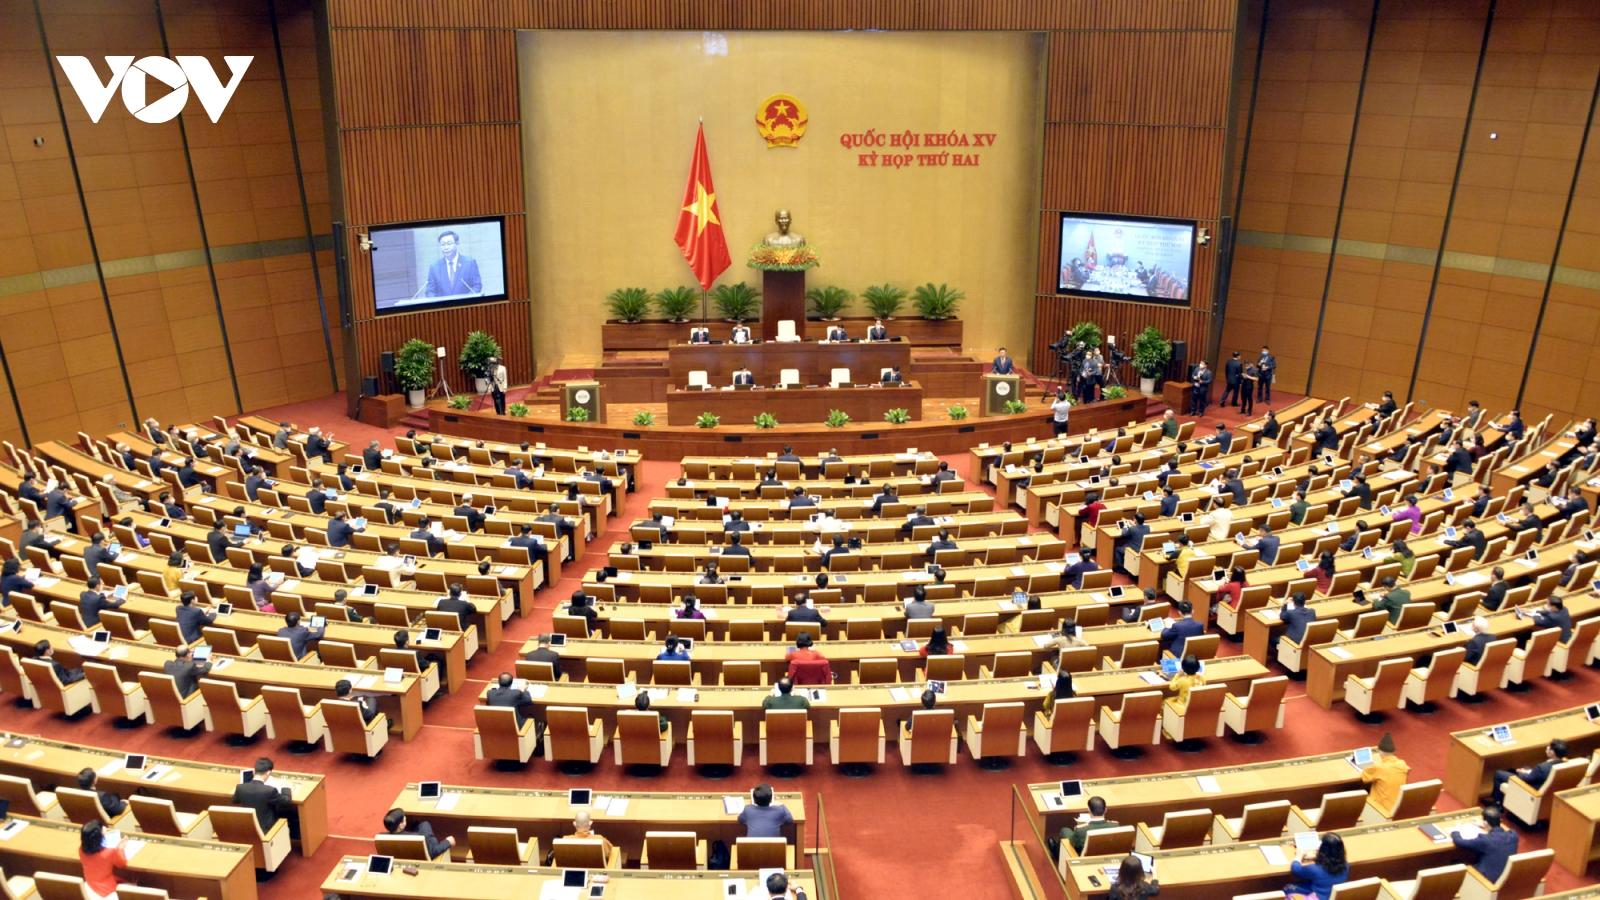 Khai mạc Kỳ họp thứ 2 Quốc hội khóa XV